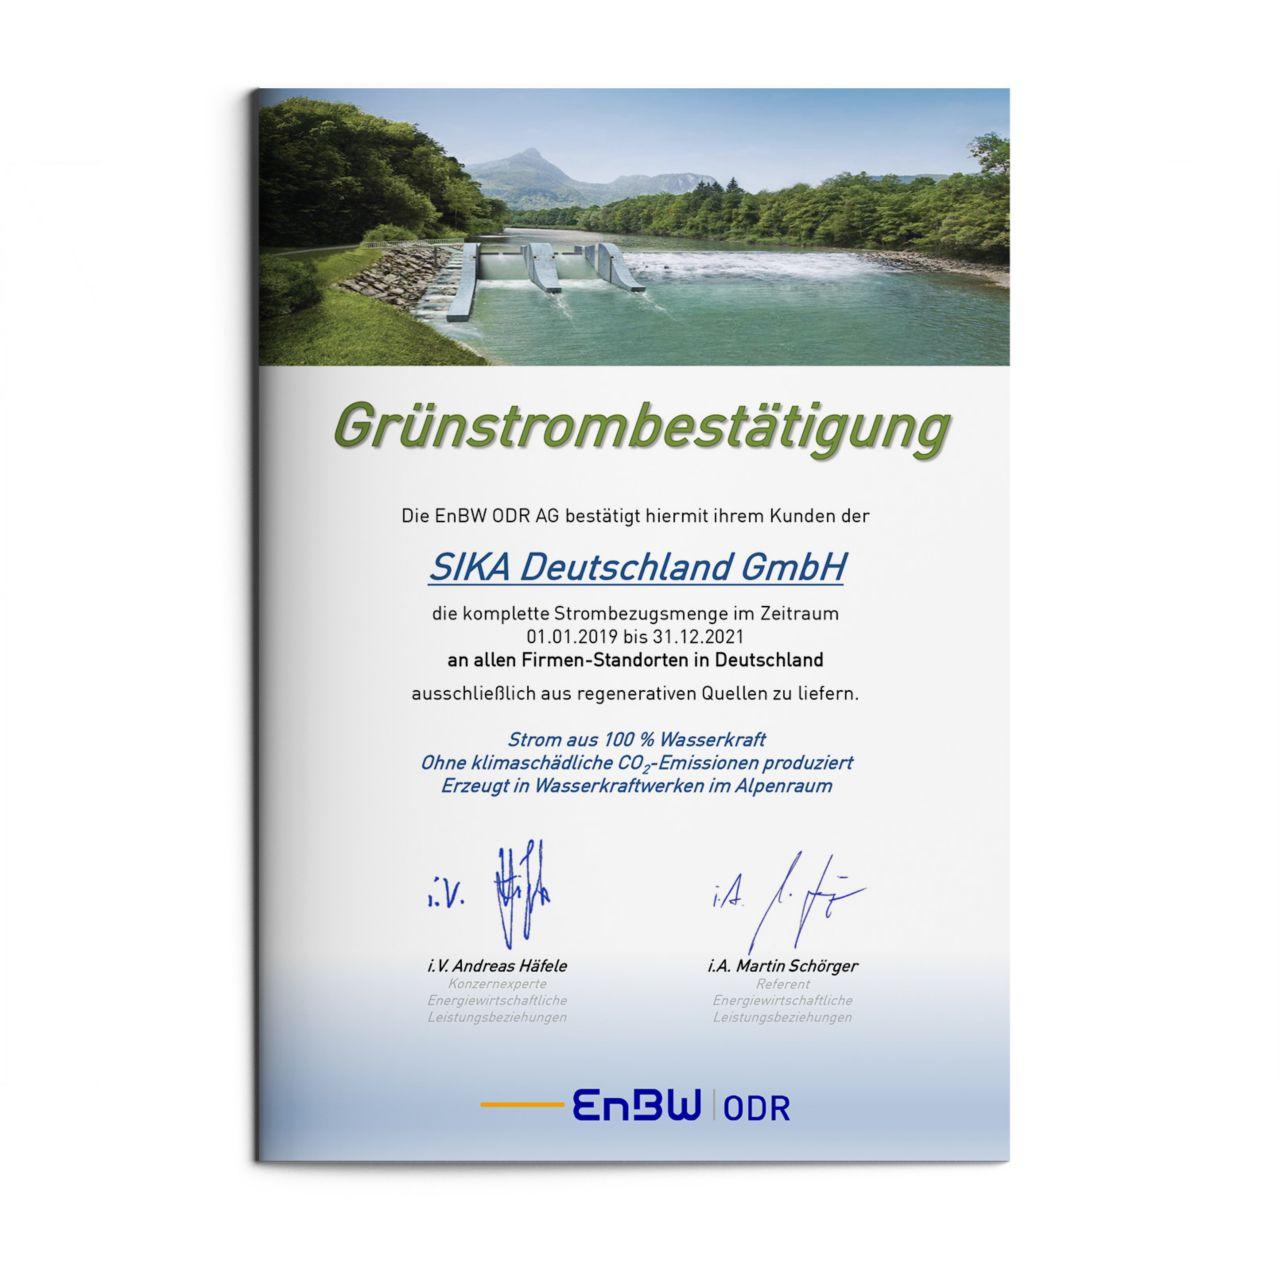 Bezug Grünstrom Sika Deutschland GmbH